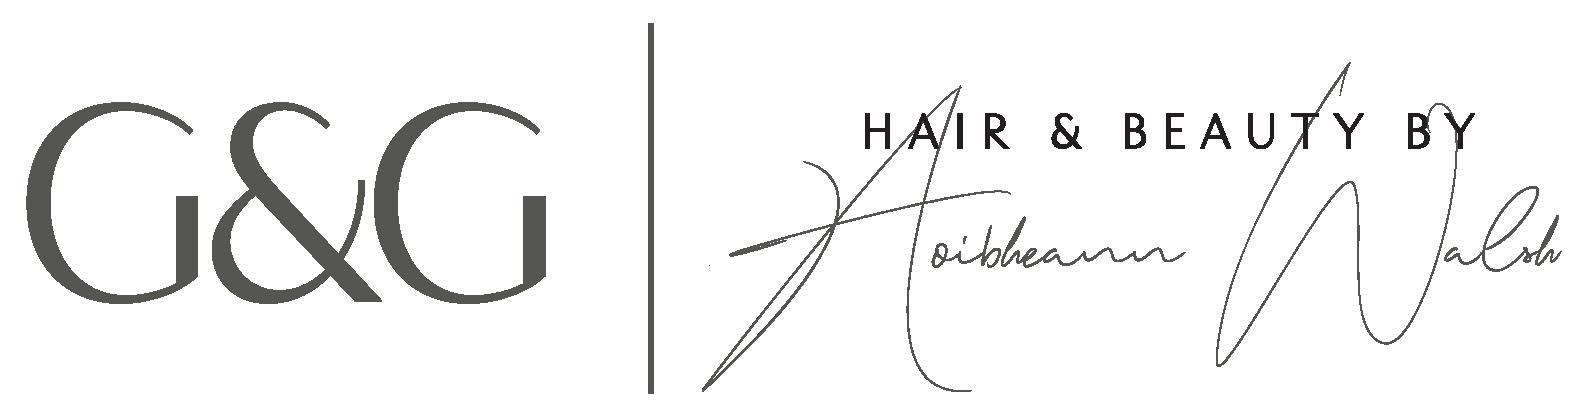 Aoibheann Walsh - G&G Hair & Beauty